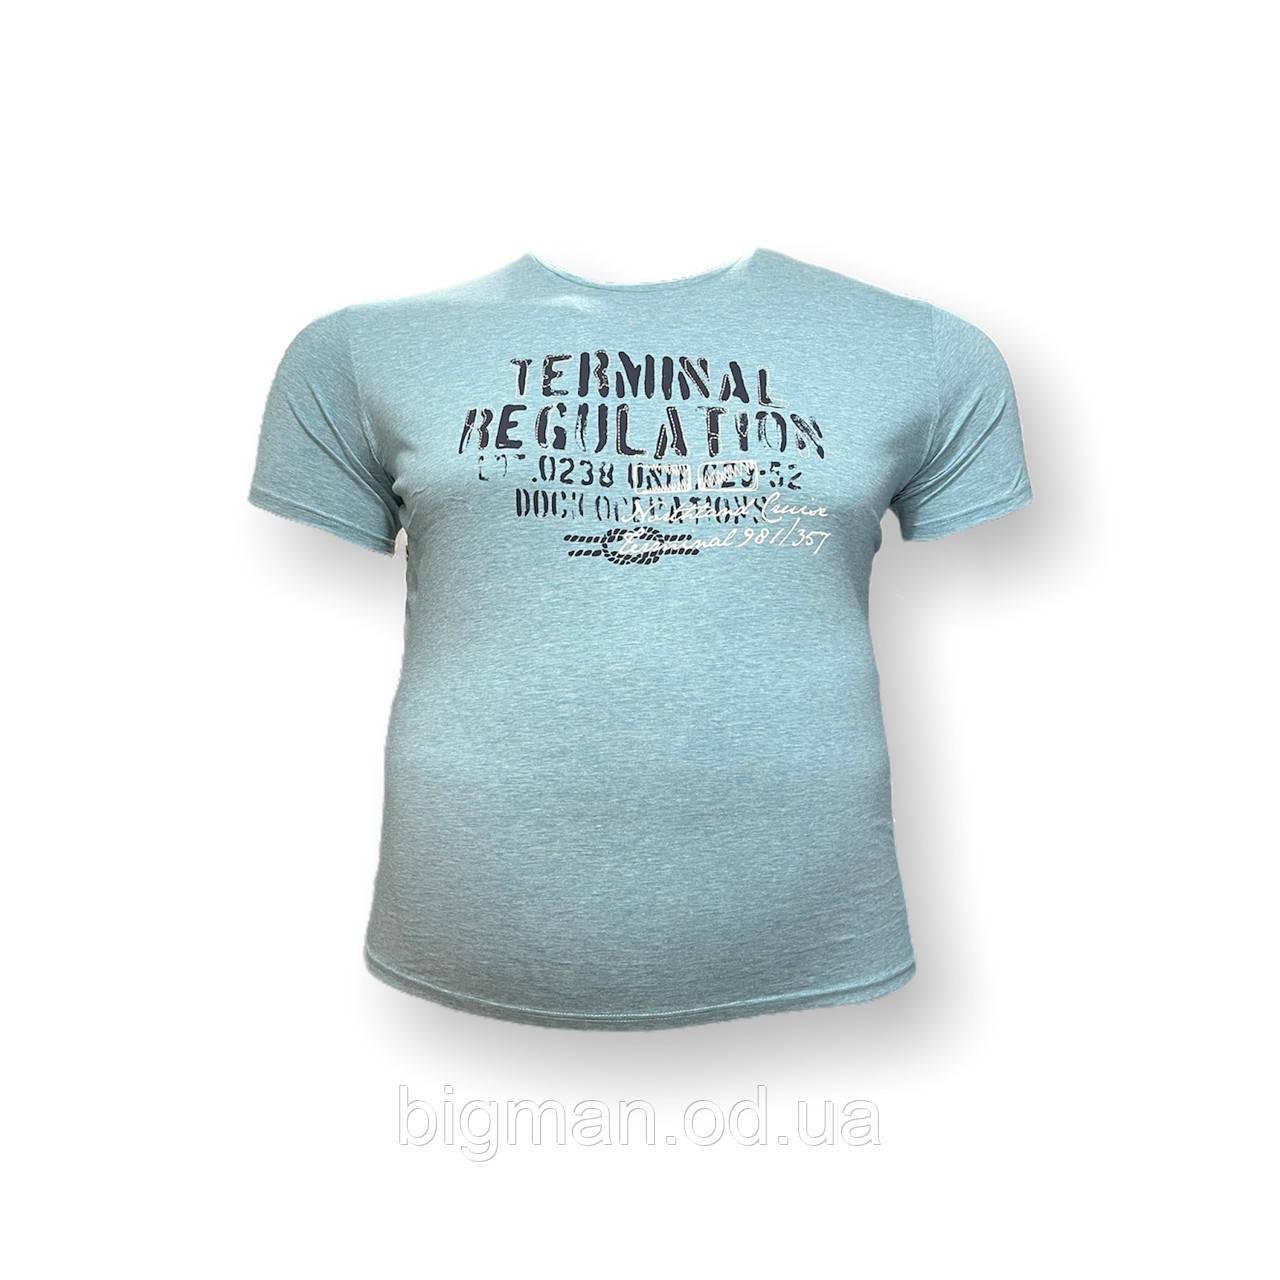 Чоловіча батальна футболка Monte Carlo 12096 3XL 4XL 5XL 6XL 7XL блакитна великі розміри Туреччина